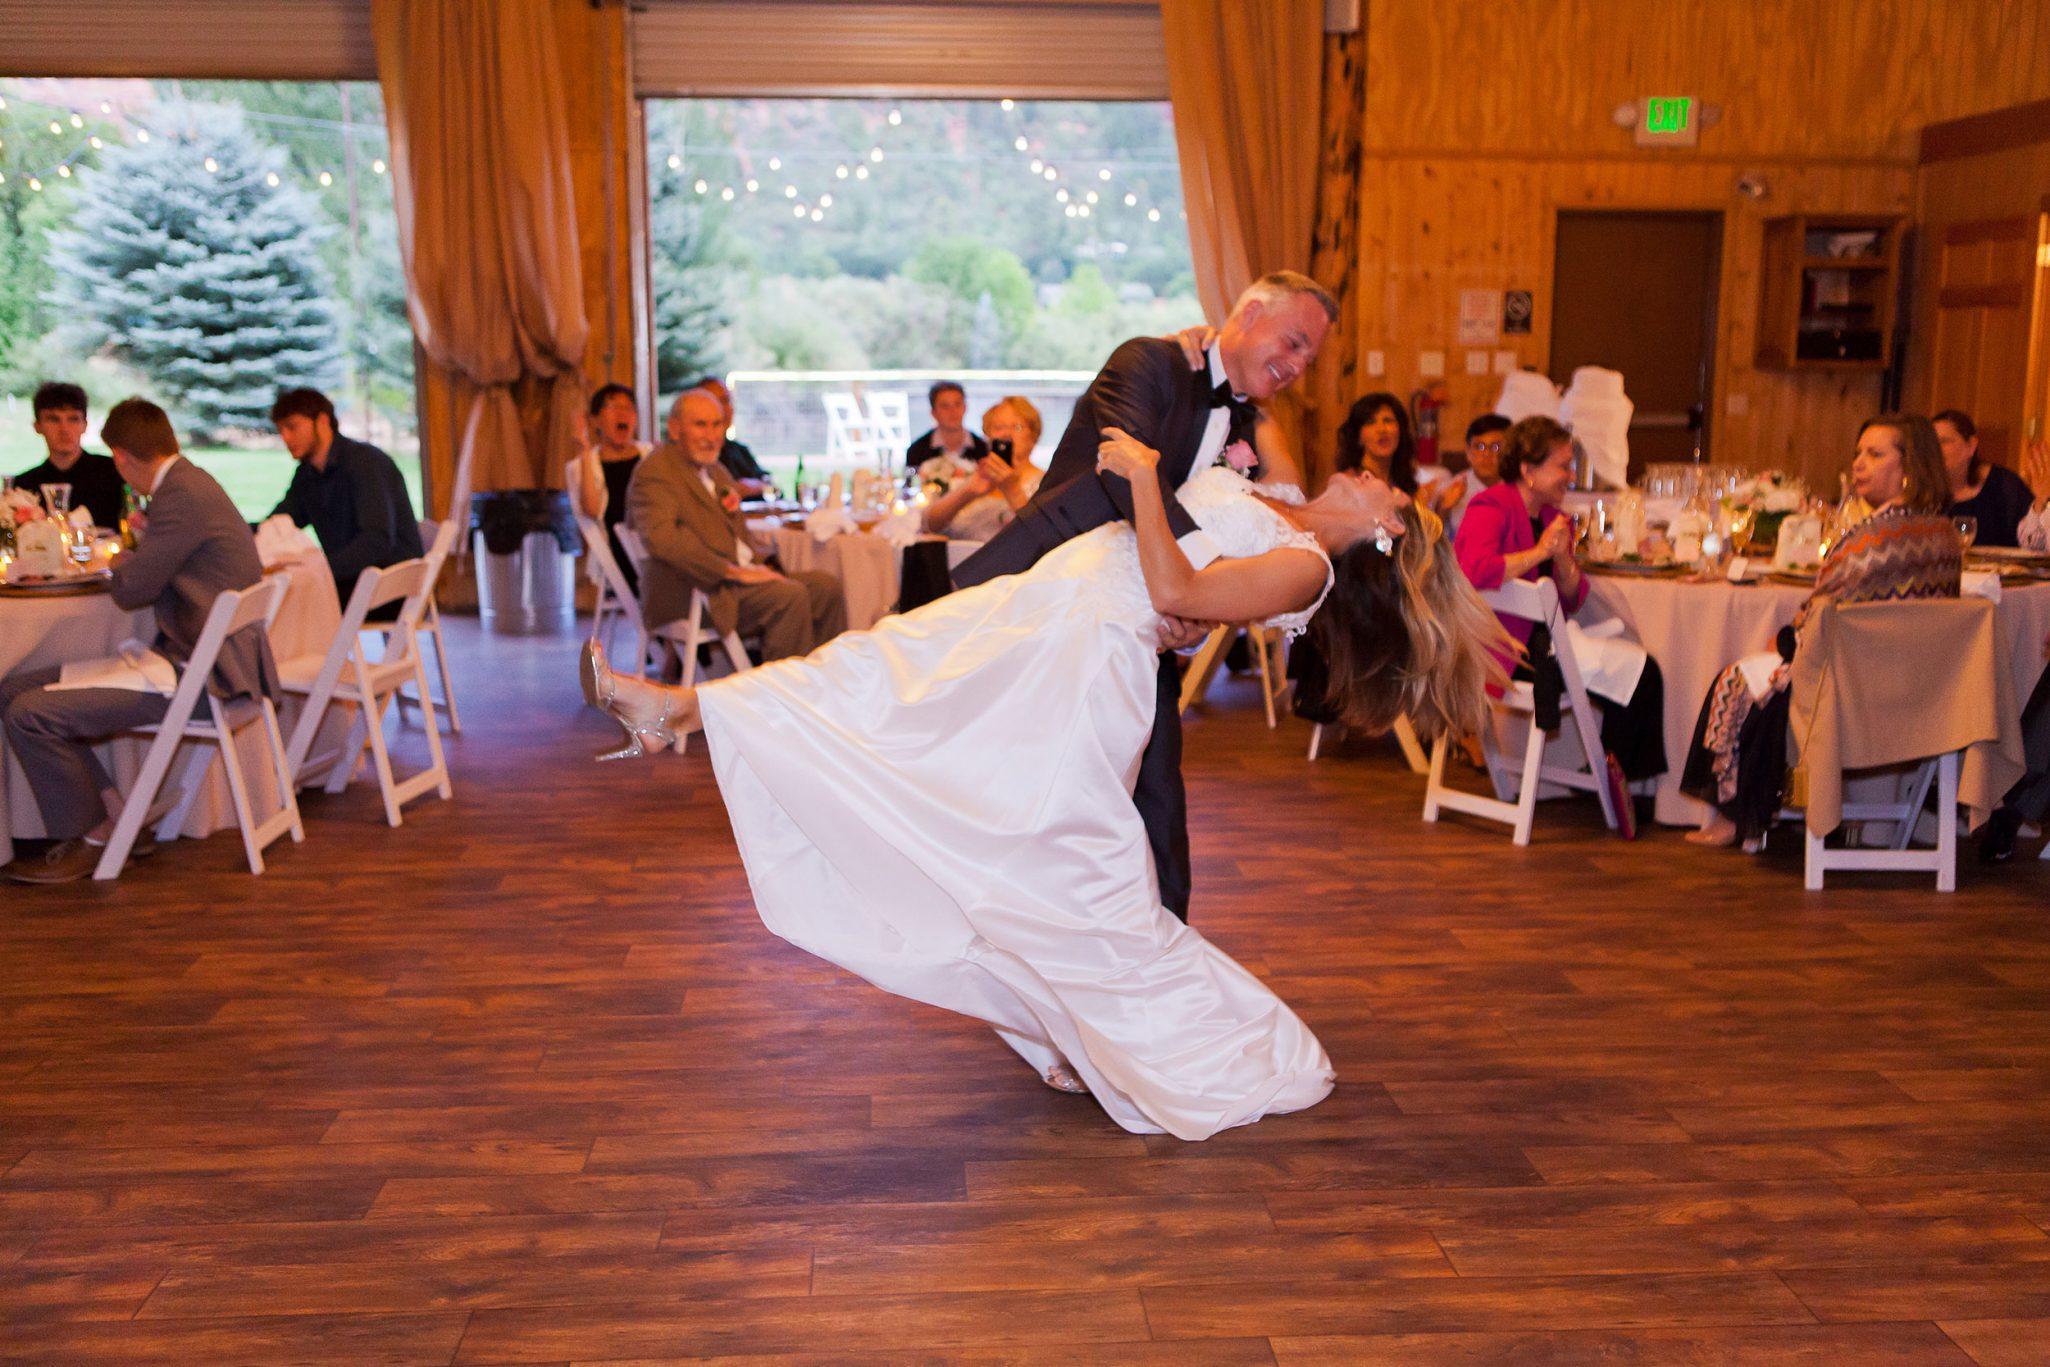 Bride & Groom first dance | Wedding Reception at River Bend Ranch in Durango, Colorado